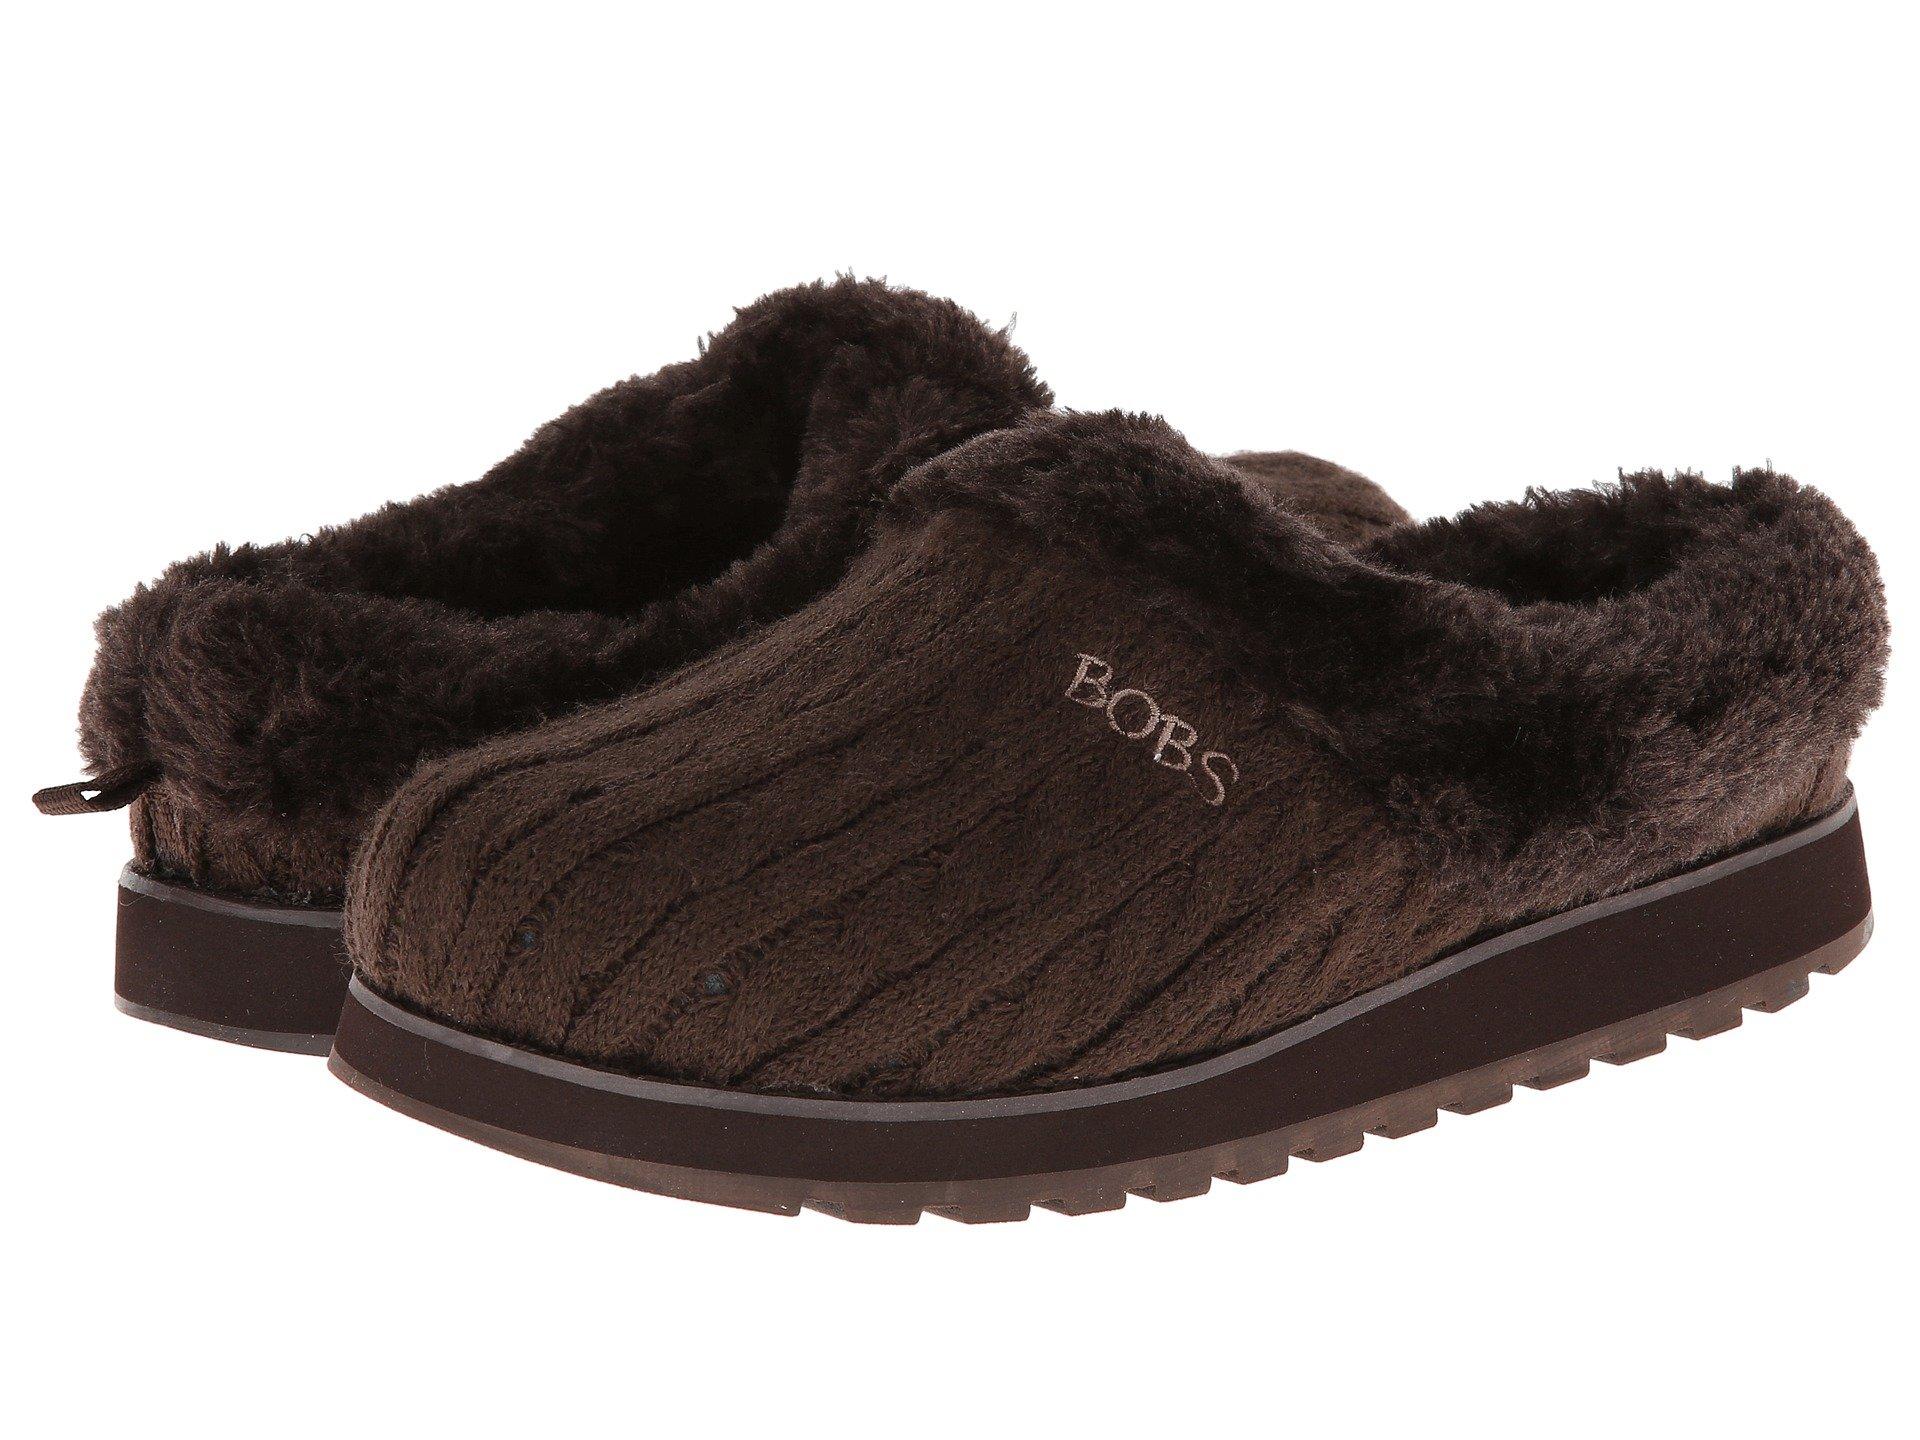 Zapato de Descanso para Mujer BOBS from SKECHERS Keepsakes - Delight - Fall  + SKECHERS en VeoyCompro.net